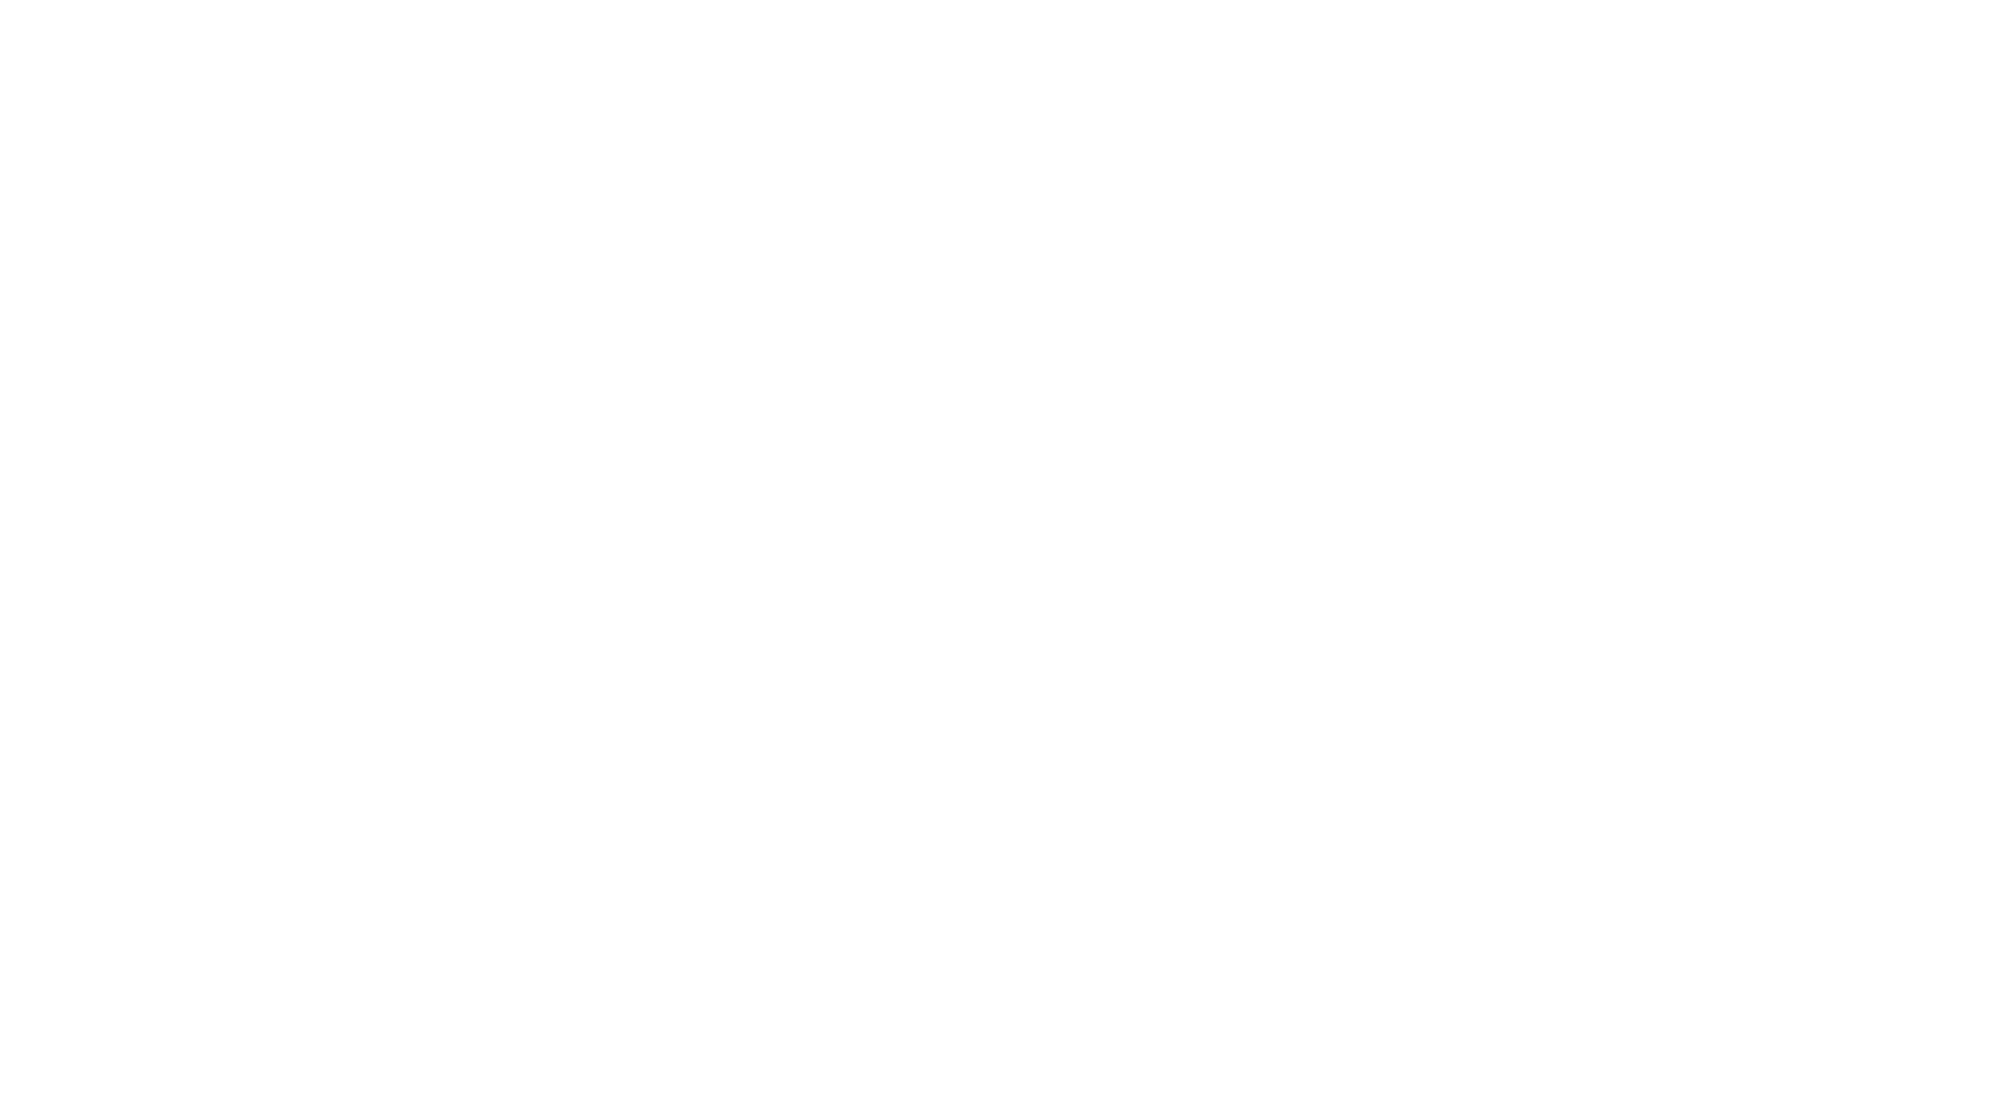 Robin Buitenhuis Personal Coaching